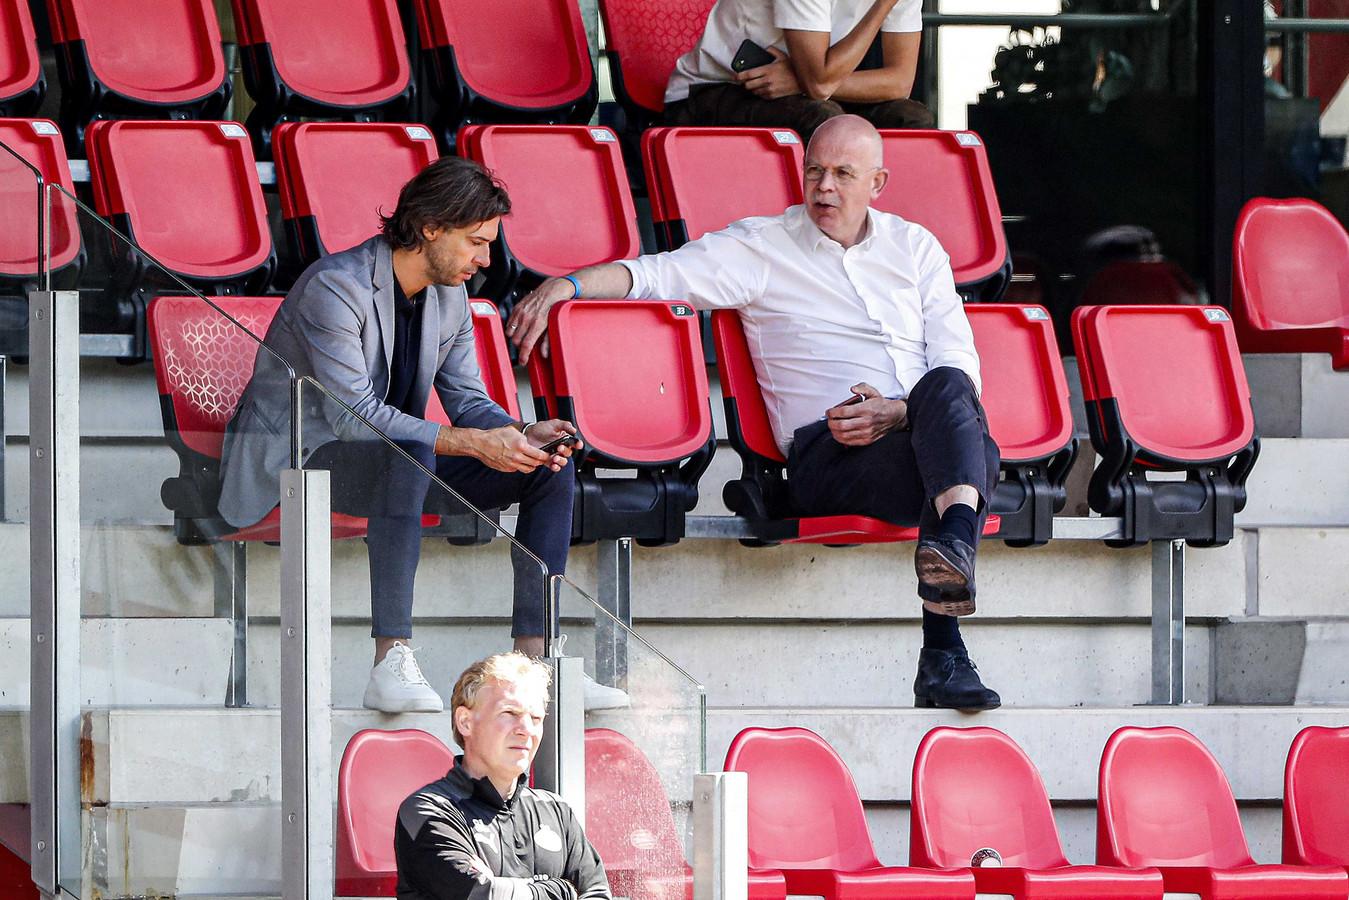 John de Jong en Toon Gerbrands tijdens de eerste training van PSV in dit seizoen.